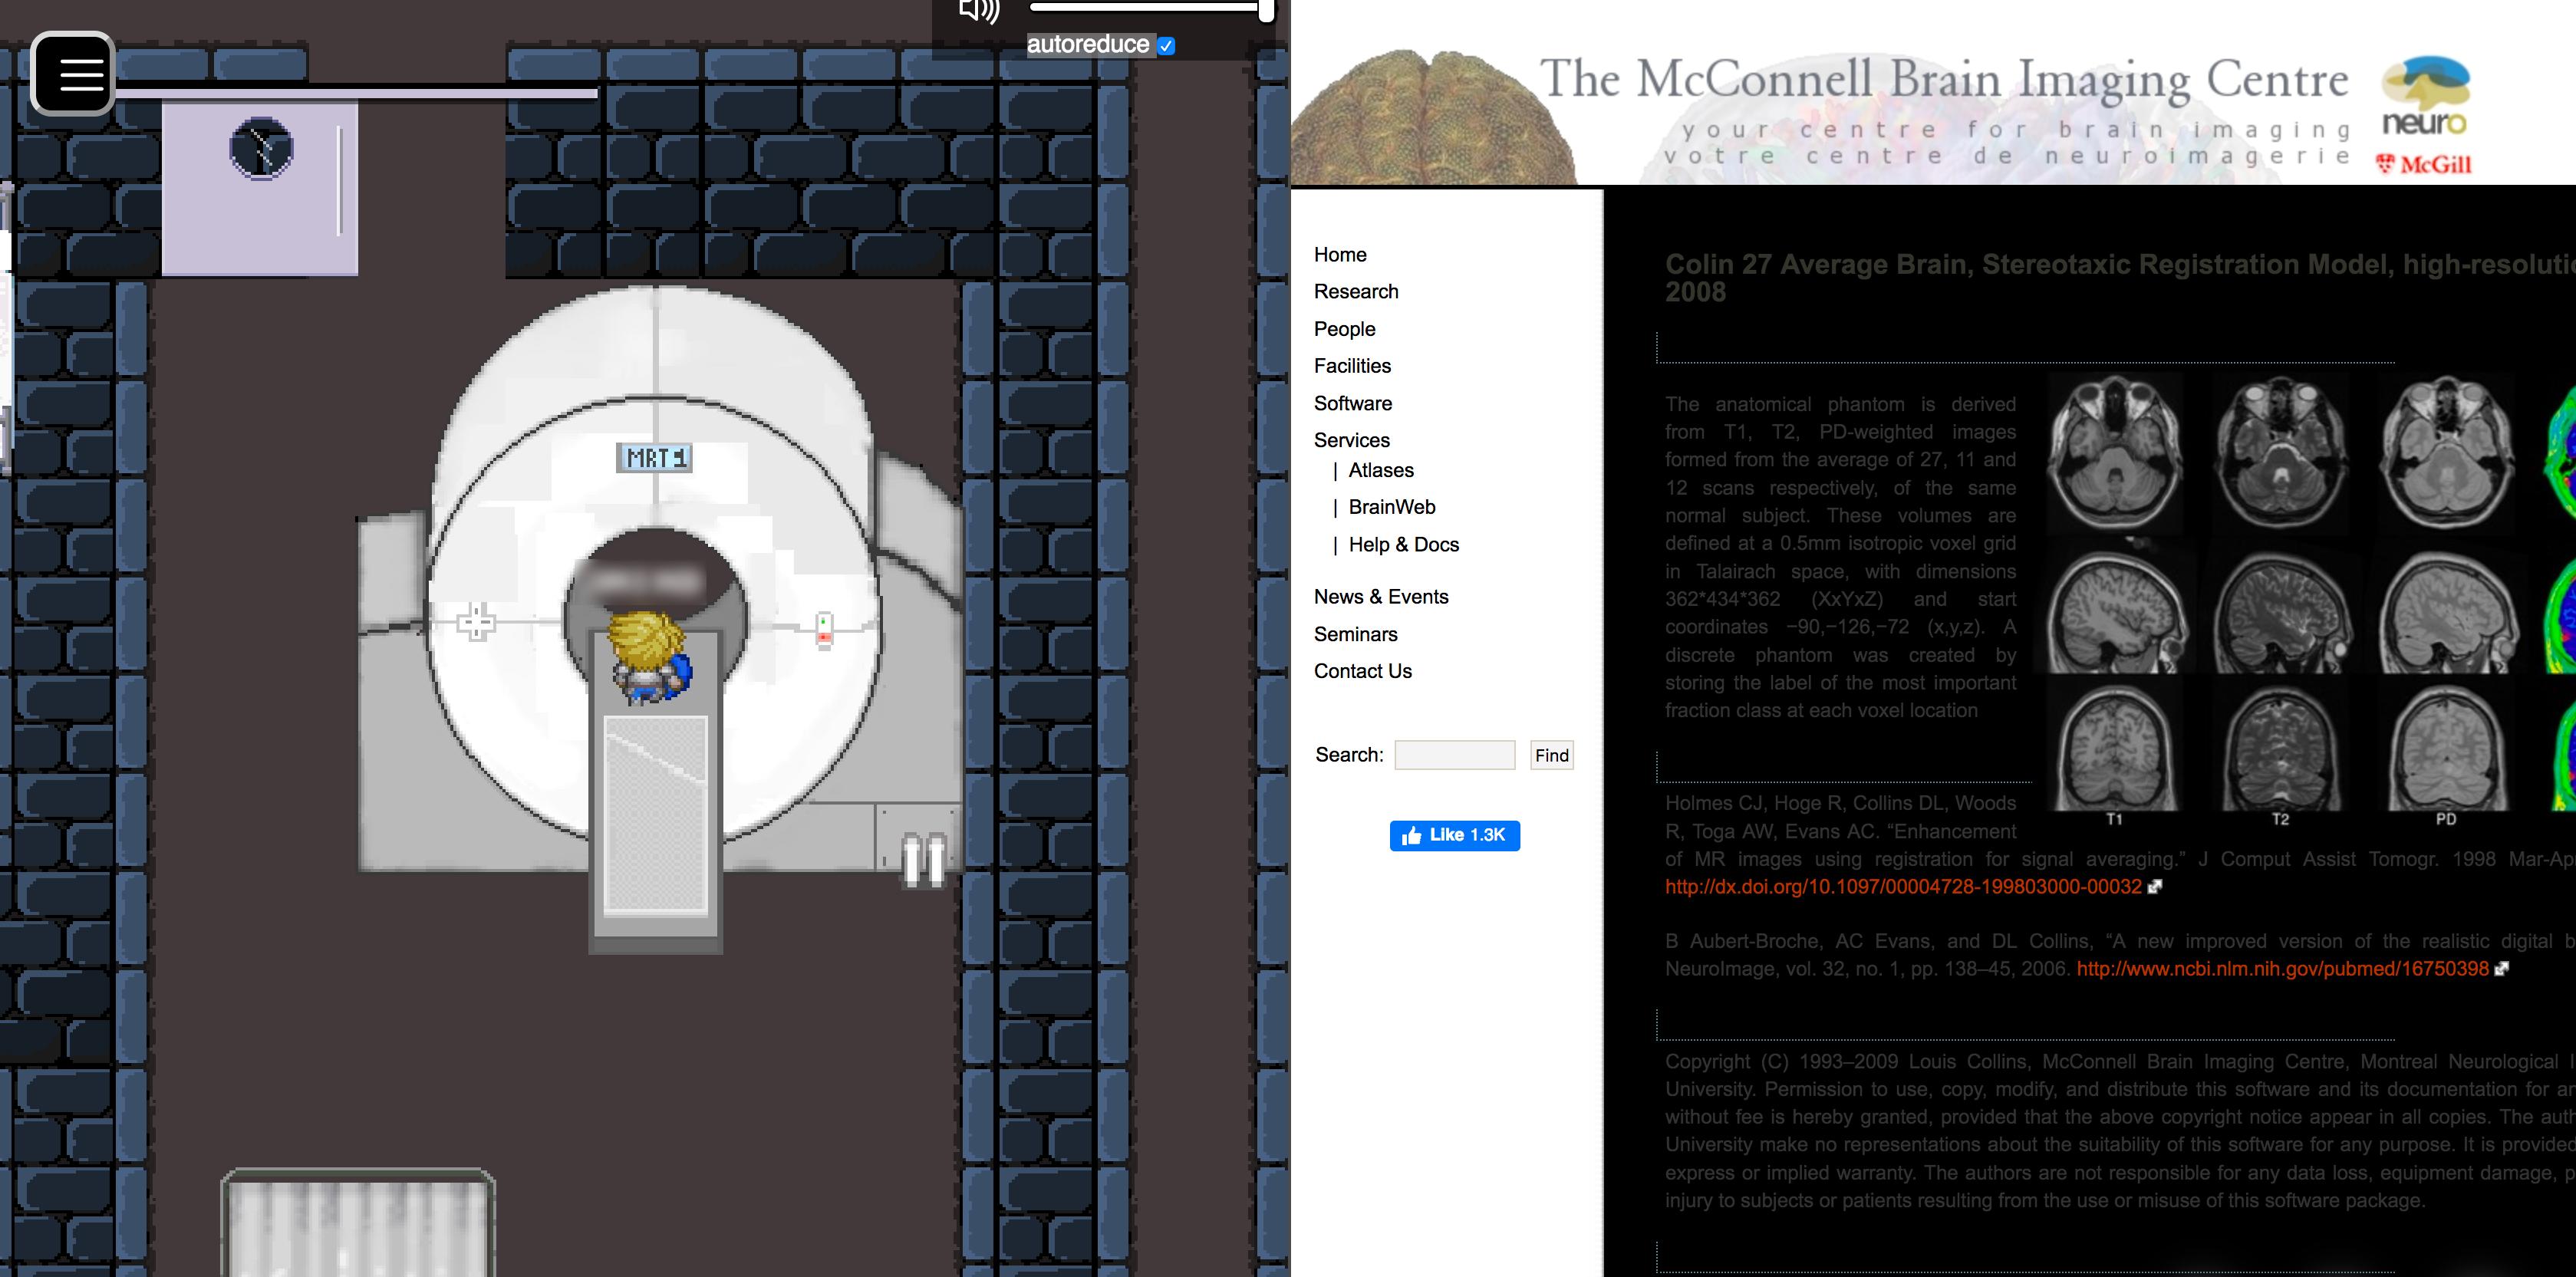 """Die linke Seite des Screenshots zeigt einen Avatar in einem Magnetresonanztomographen. Rechts wird die Website des """"The McConnell Brain Image Centre"""" mit MRT-Bildern eines menschlichen Kopfes angezeigt."""